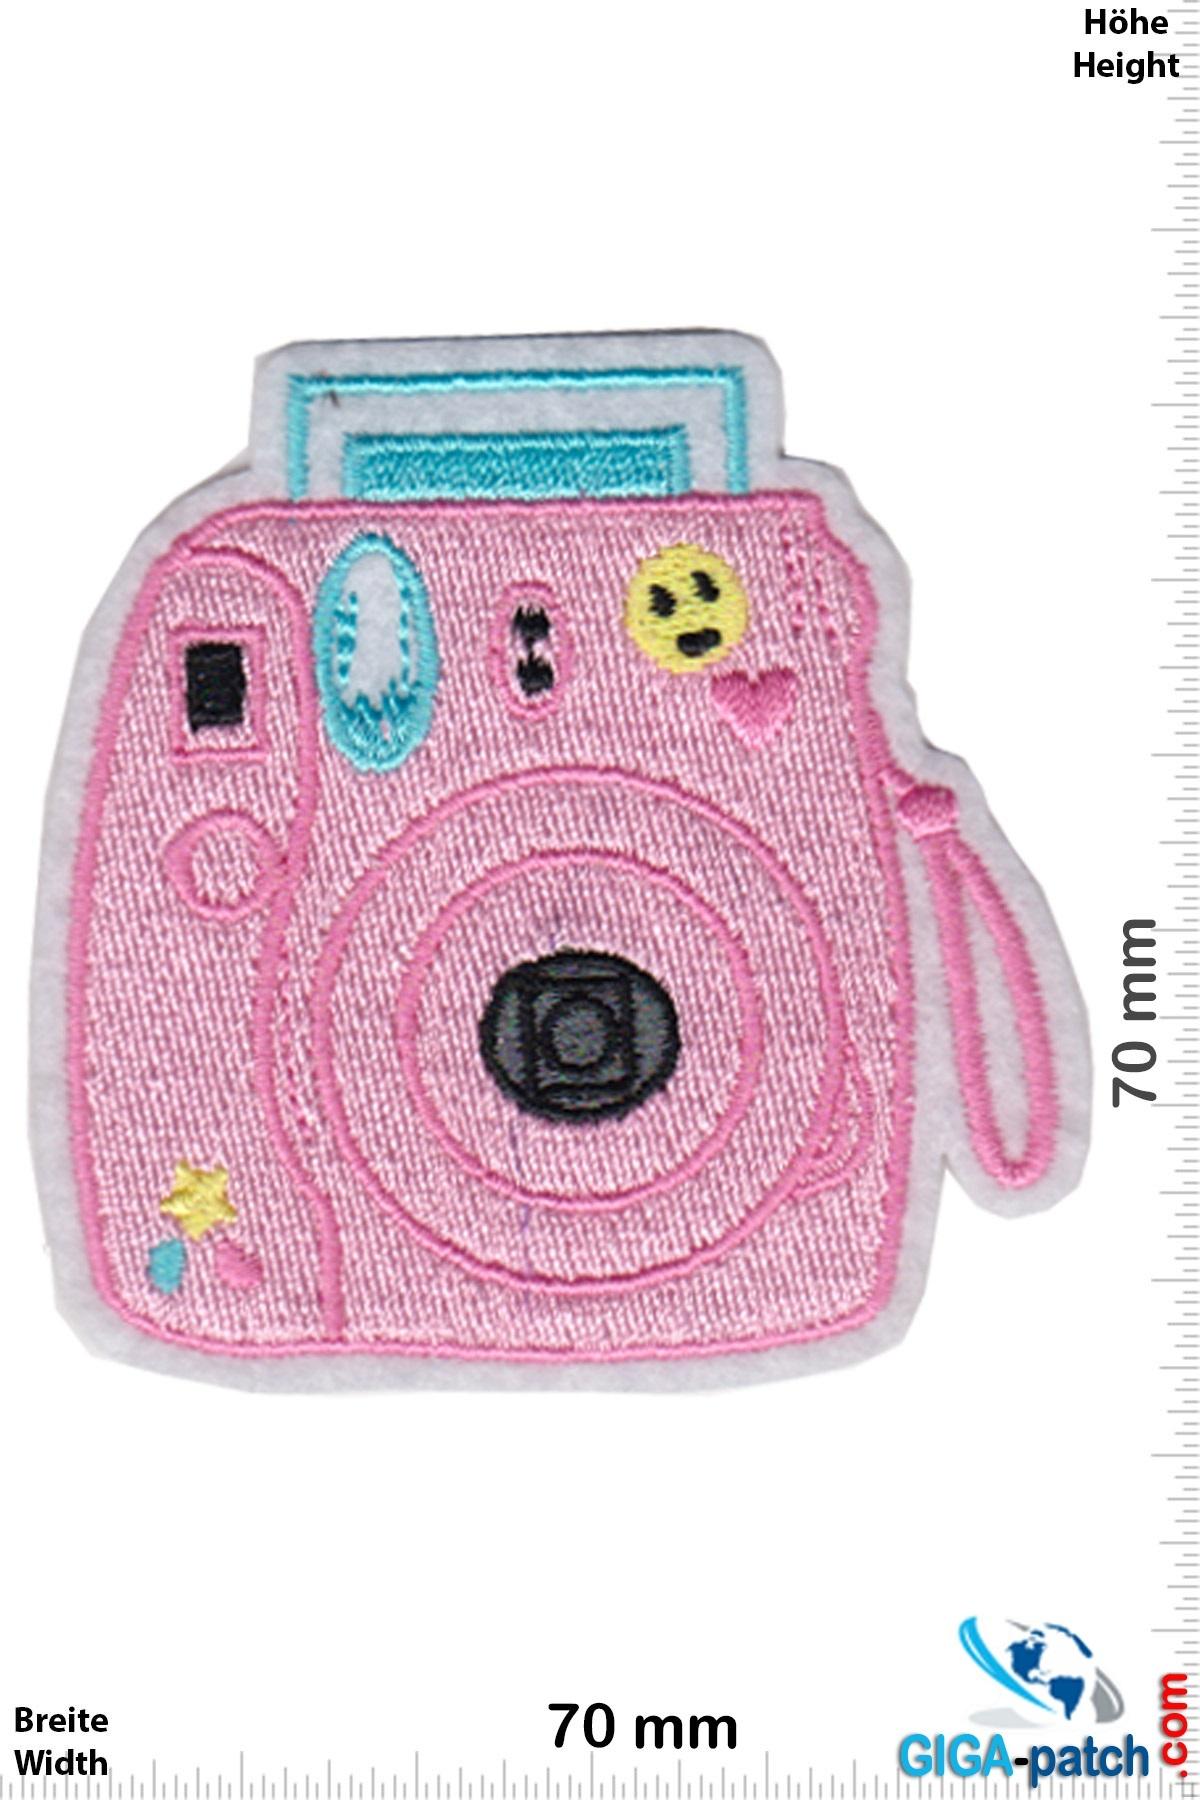 FUJIFILM Sofortbildkamera Instax Mini pink